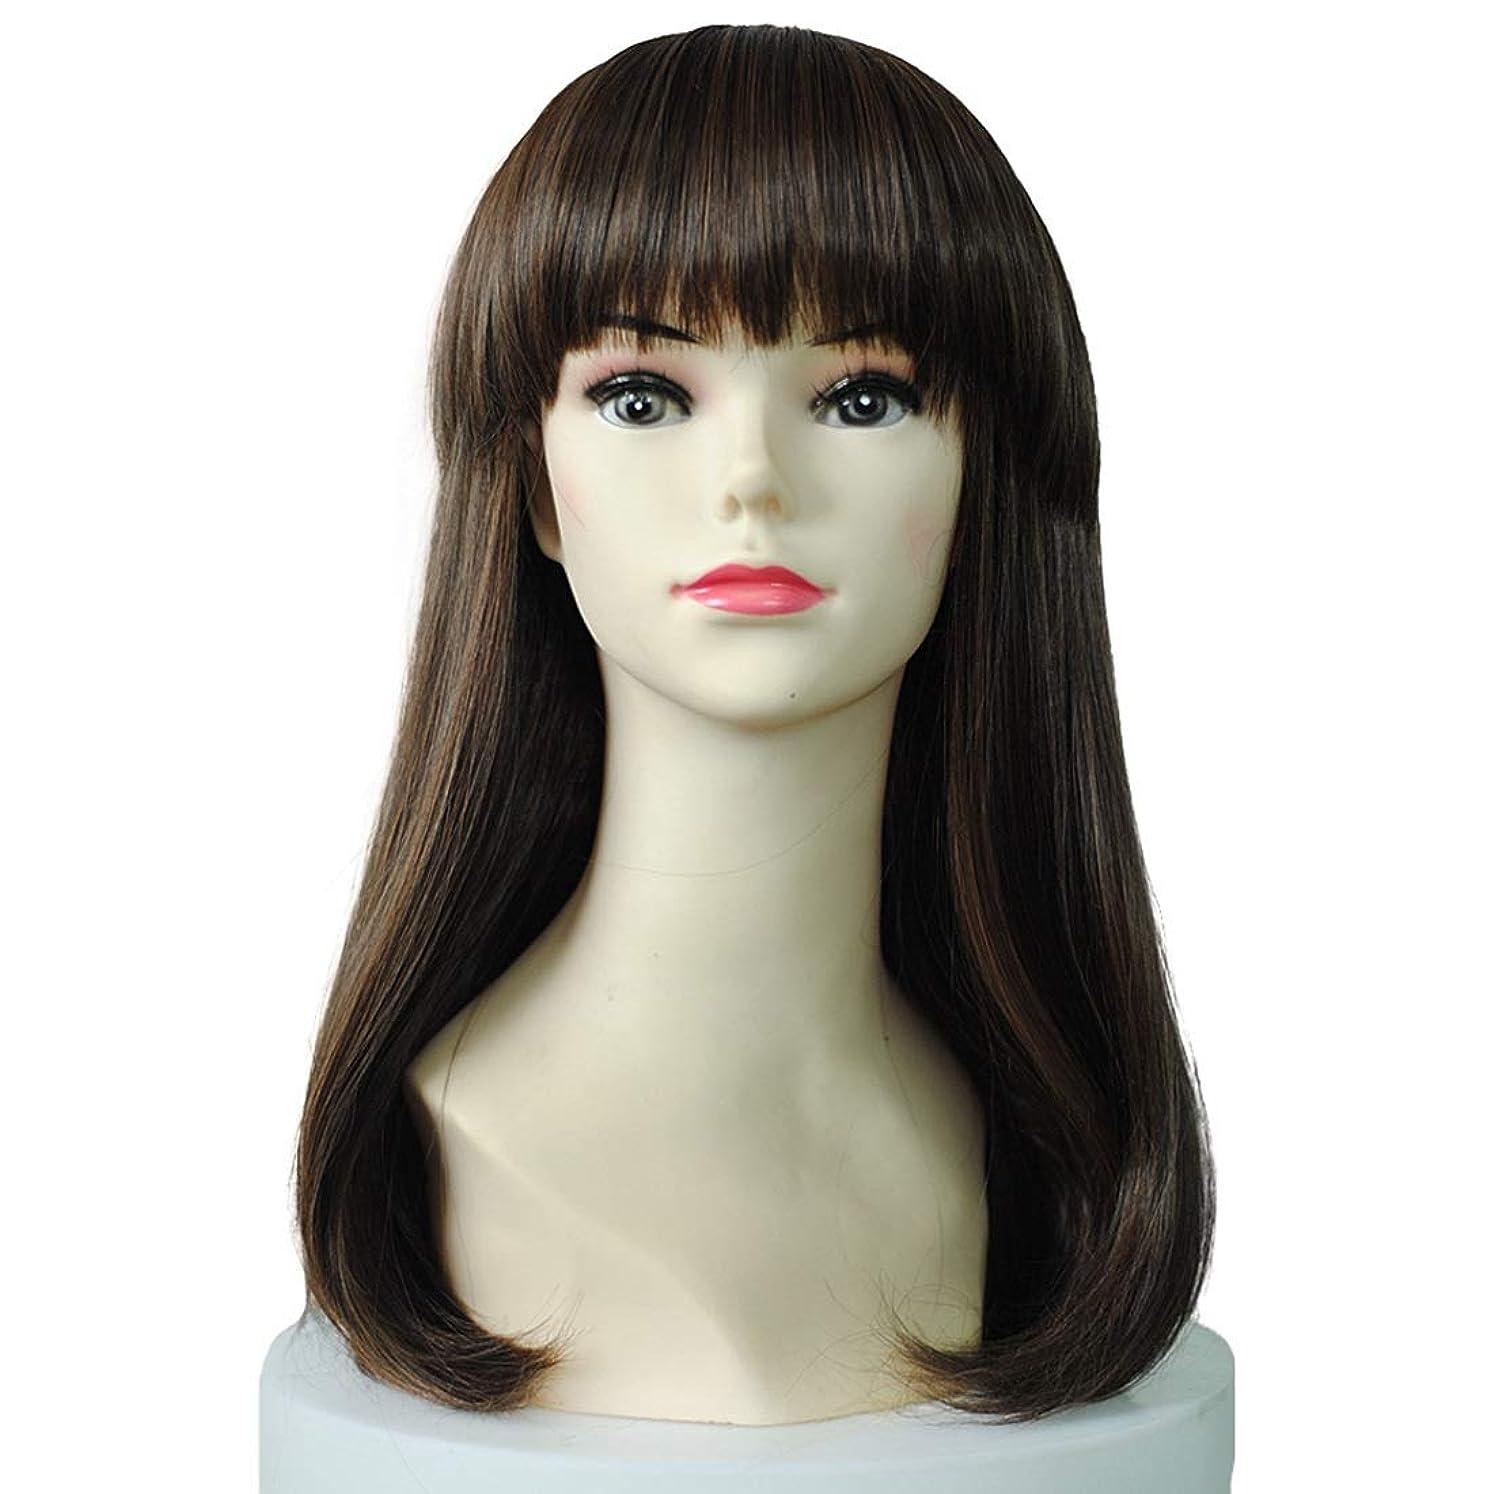 見る絵メロディアス長い毛の化学繊維のかつら女性かわいい混色のかつら人形高温のシルクかつら (Color : Photo Color)